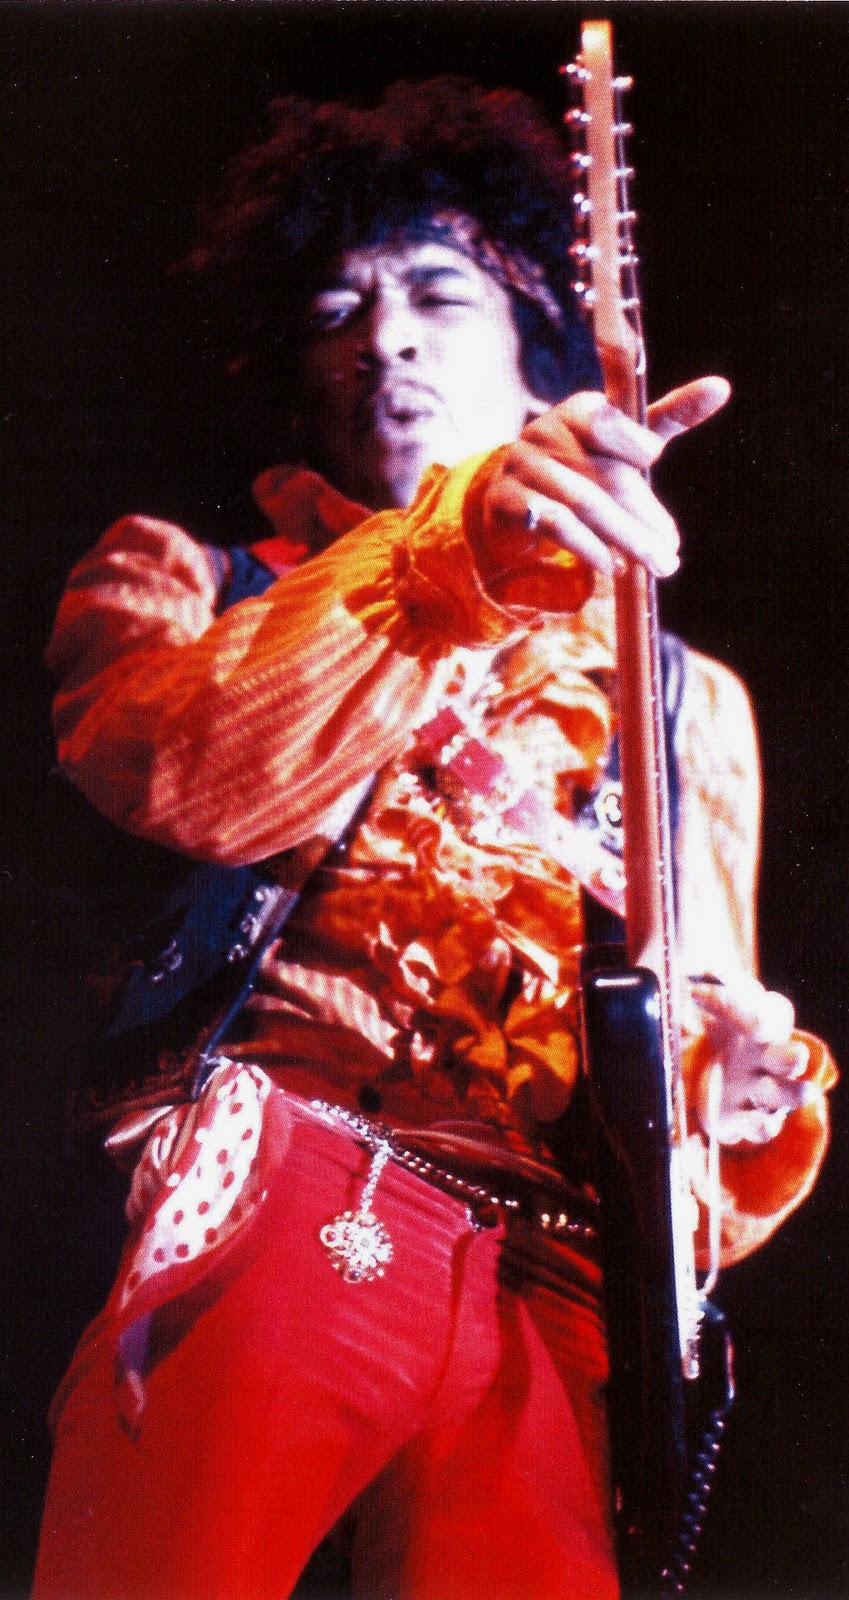 Live At Monterey (2007) F9c81202561c6688c642d3eb6b510617